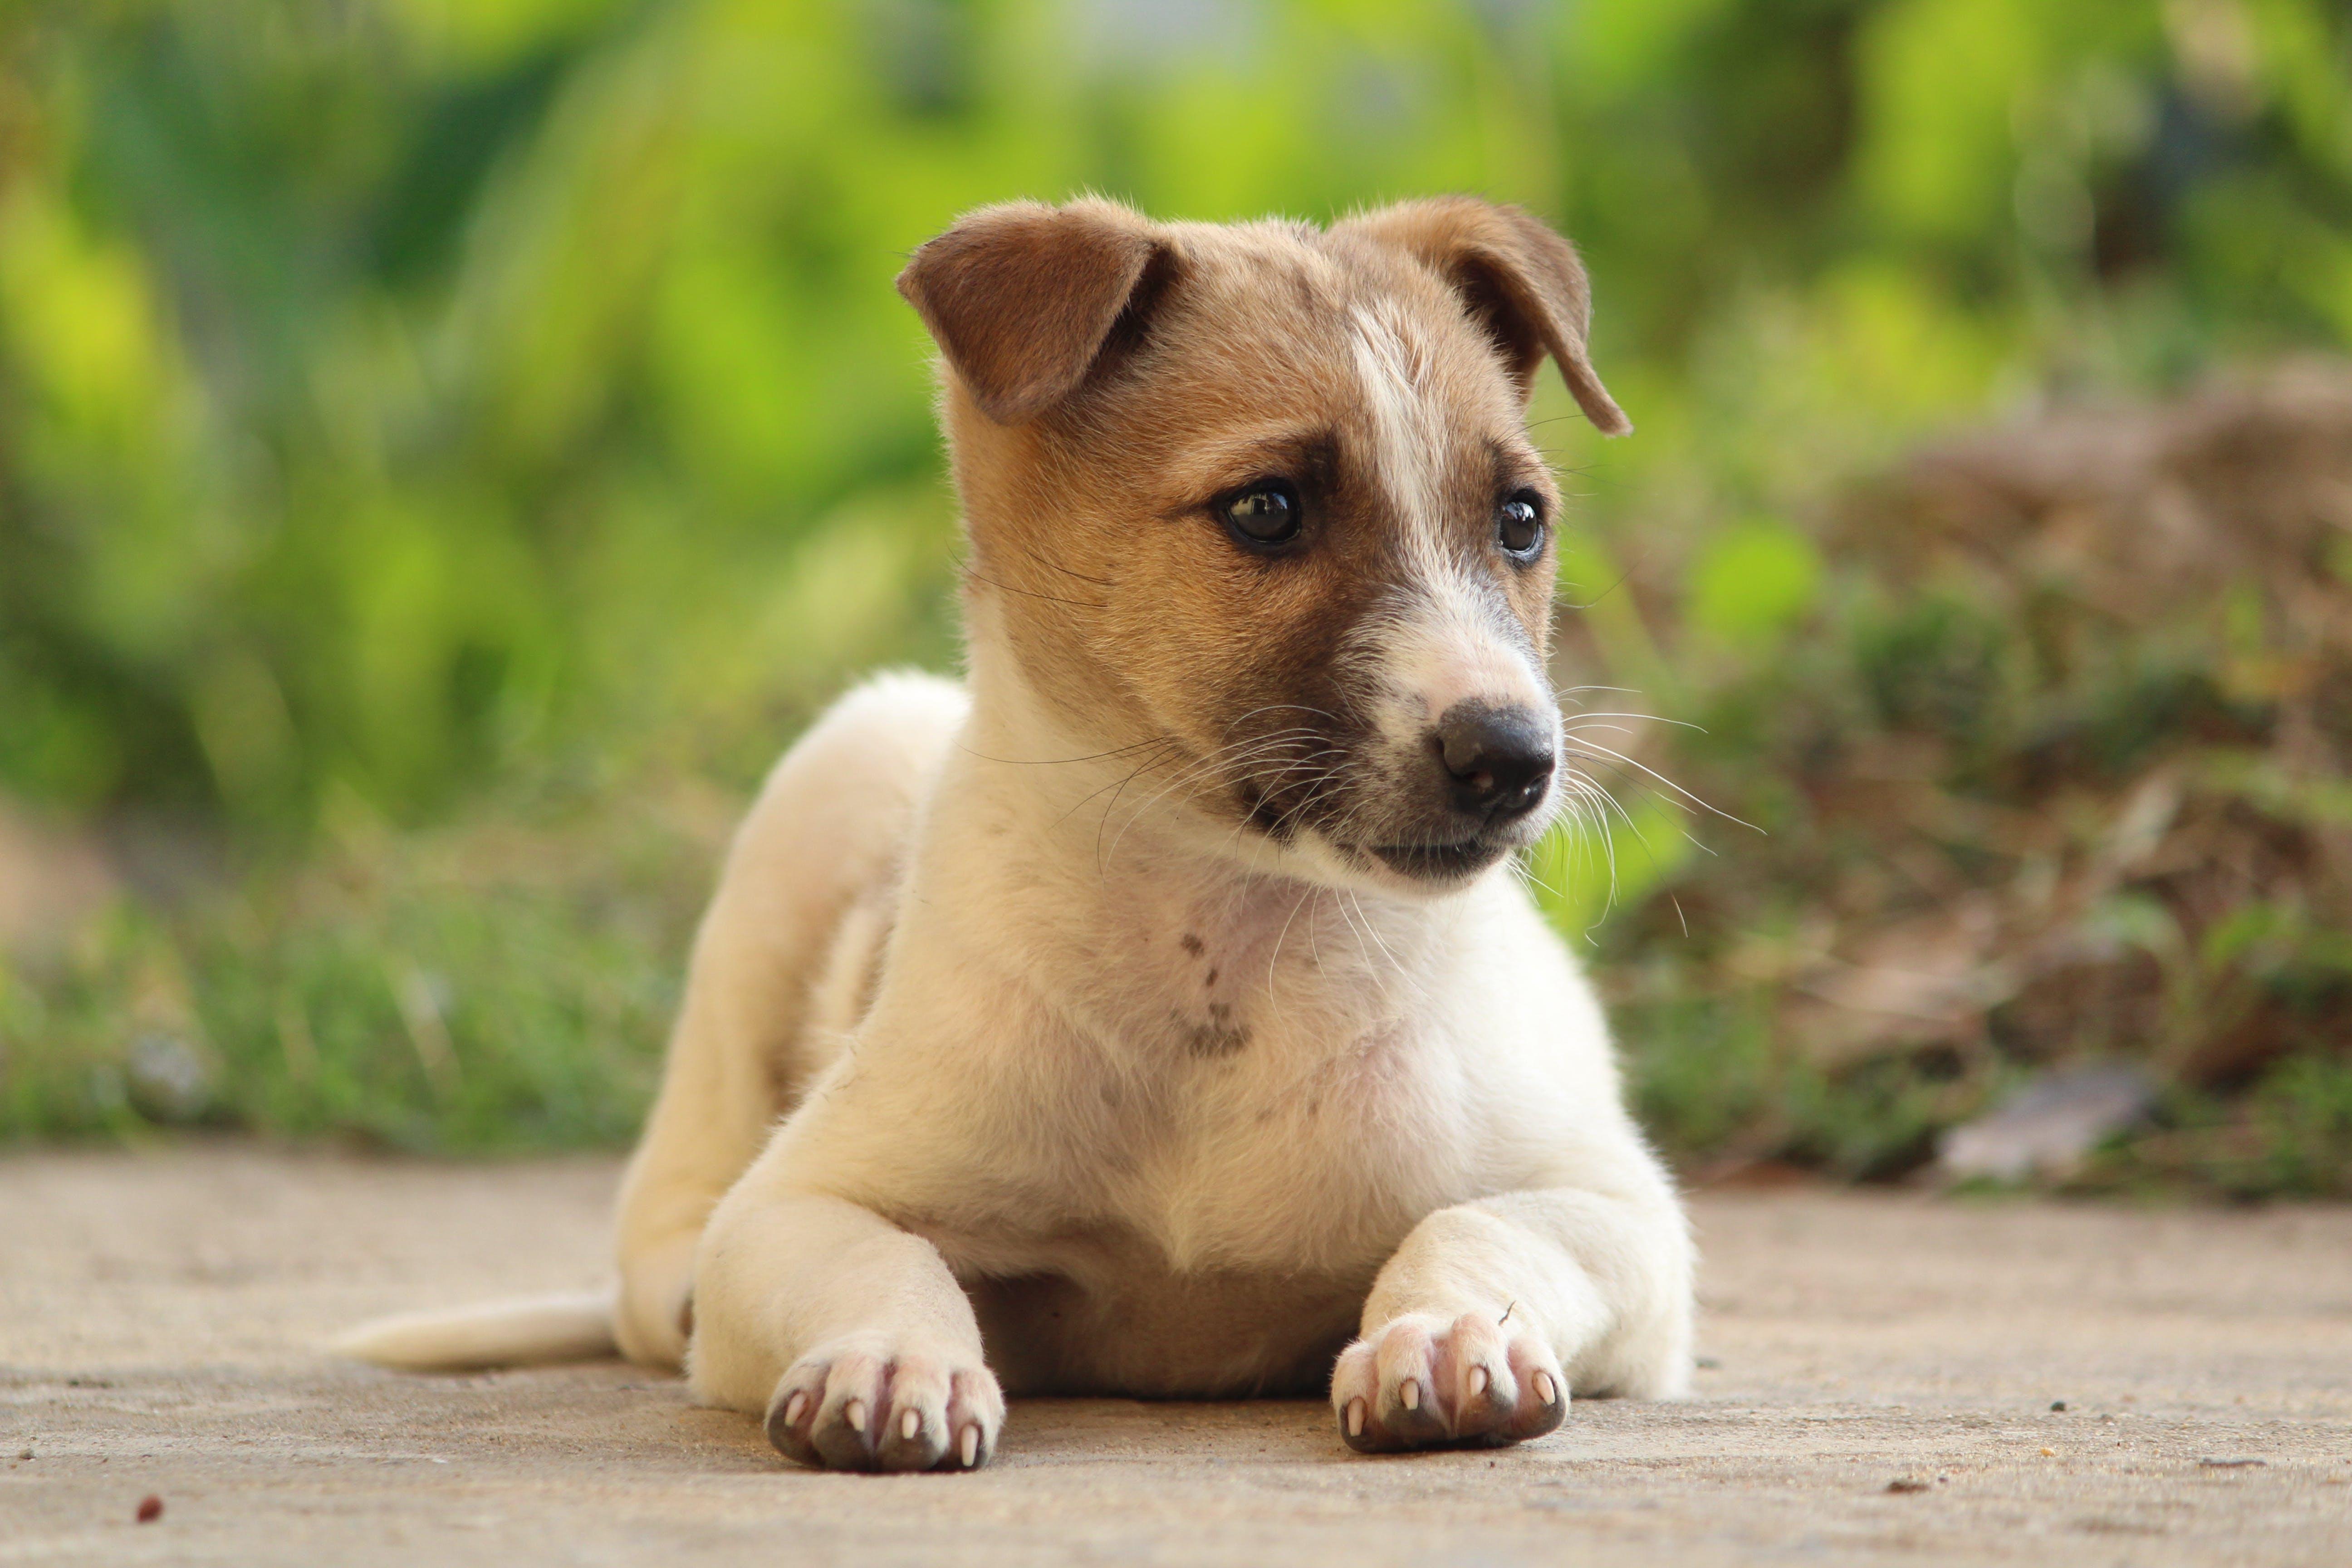 Gratis lagerfoto af dyr, hunde, hvalp